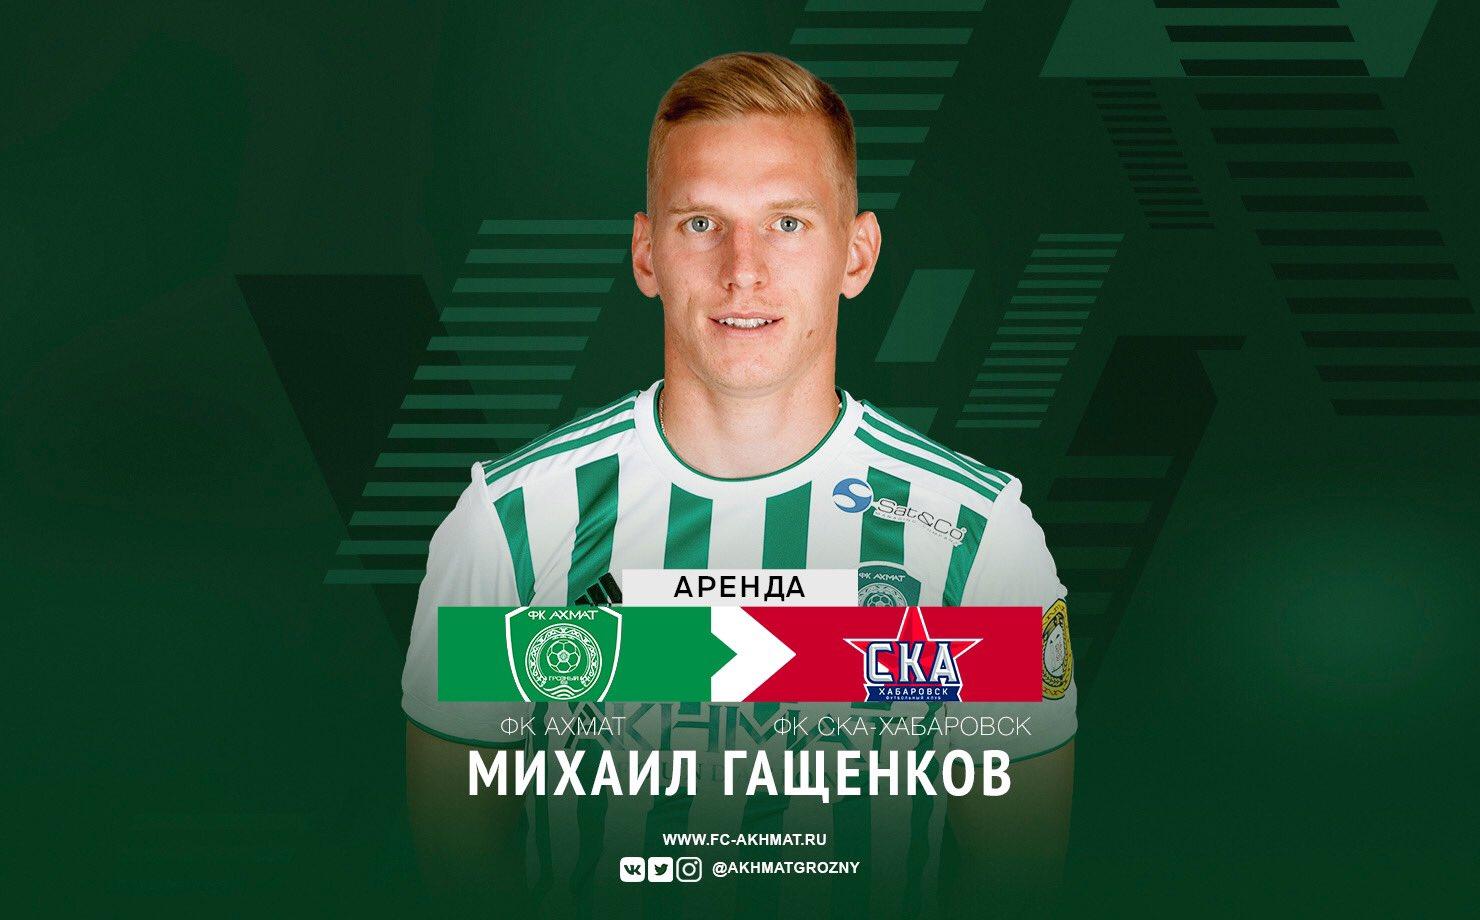 Михаил Гащенков